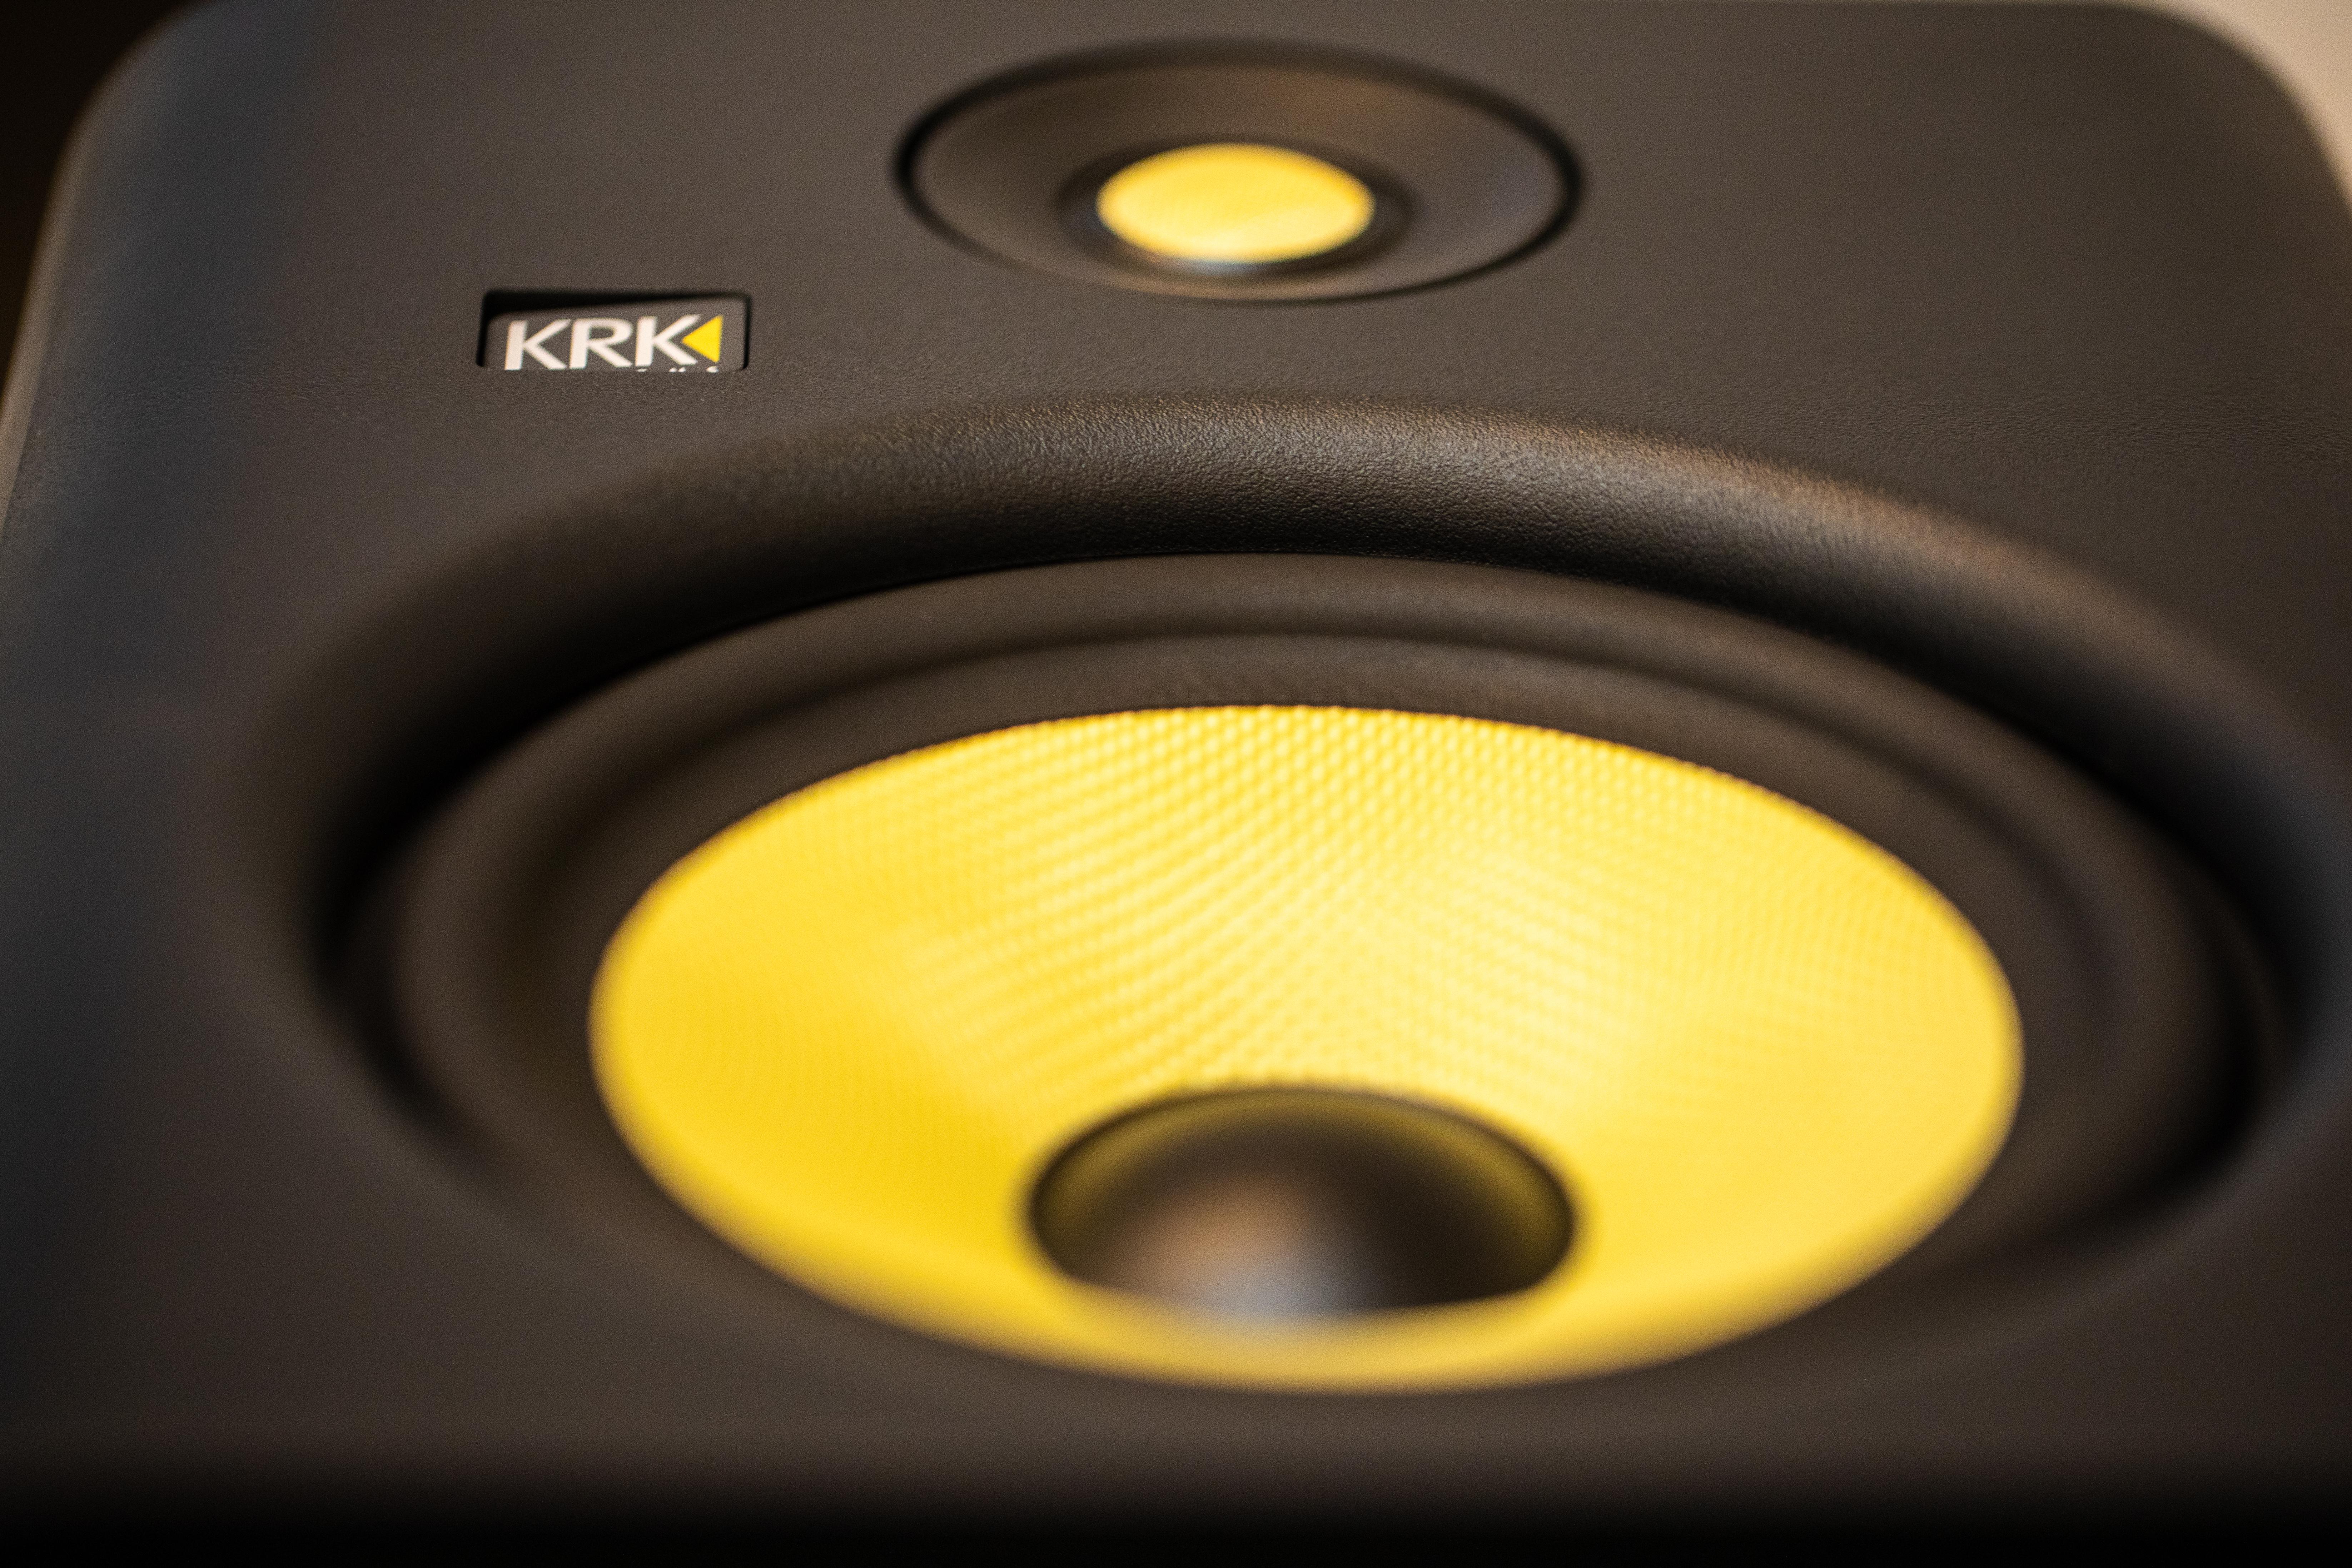 KRK0343